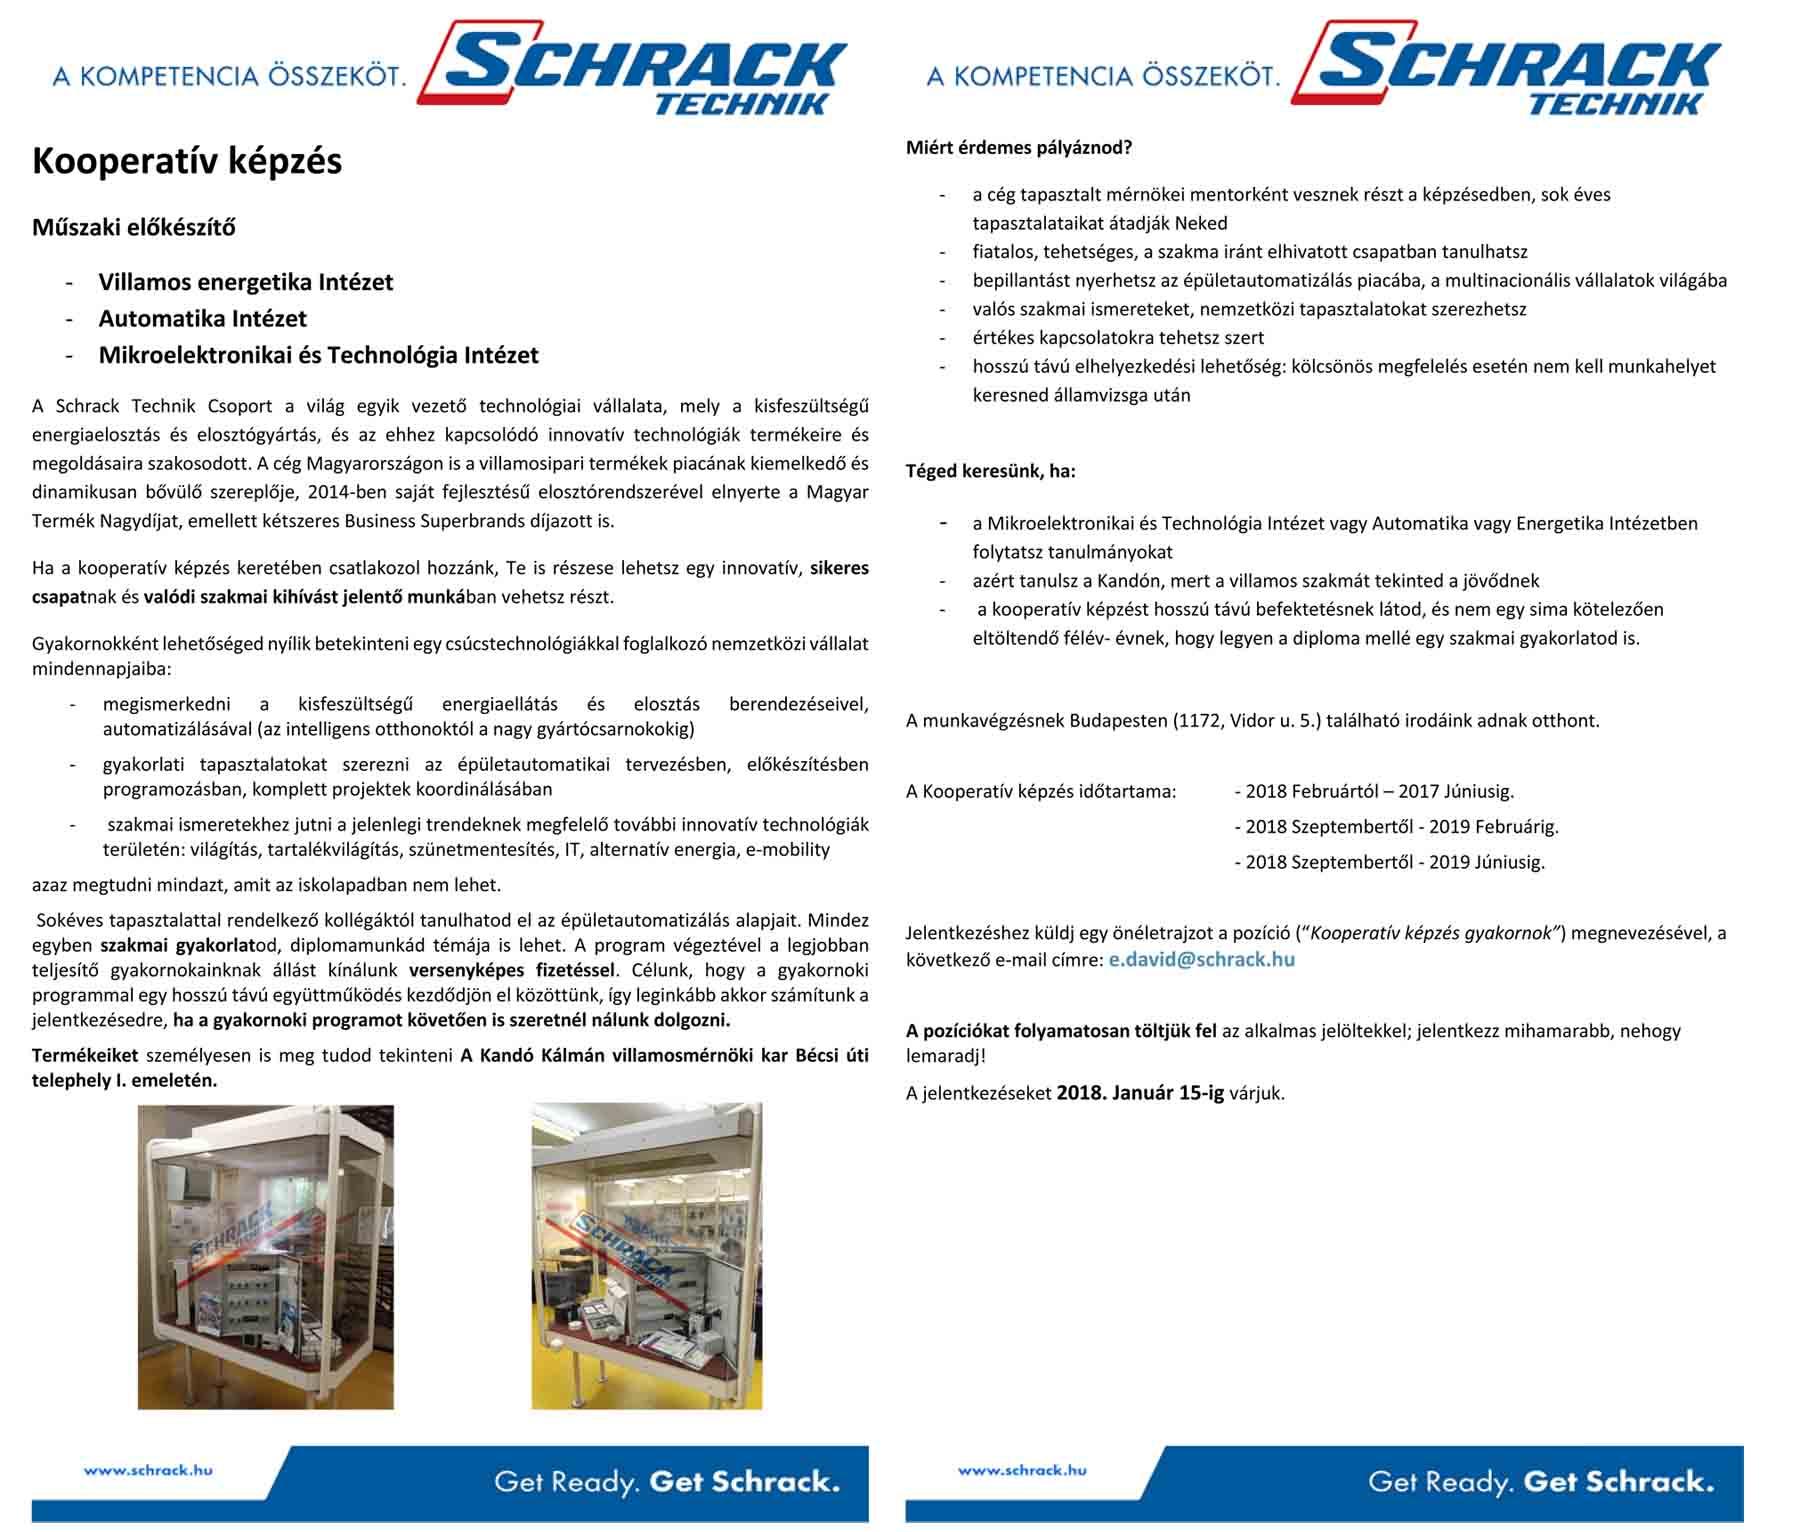 Schrack_Koop_2018_small_